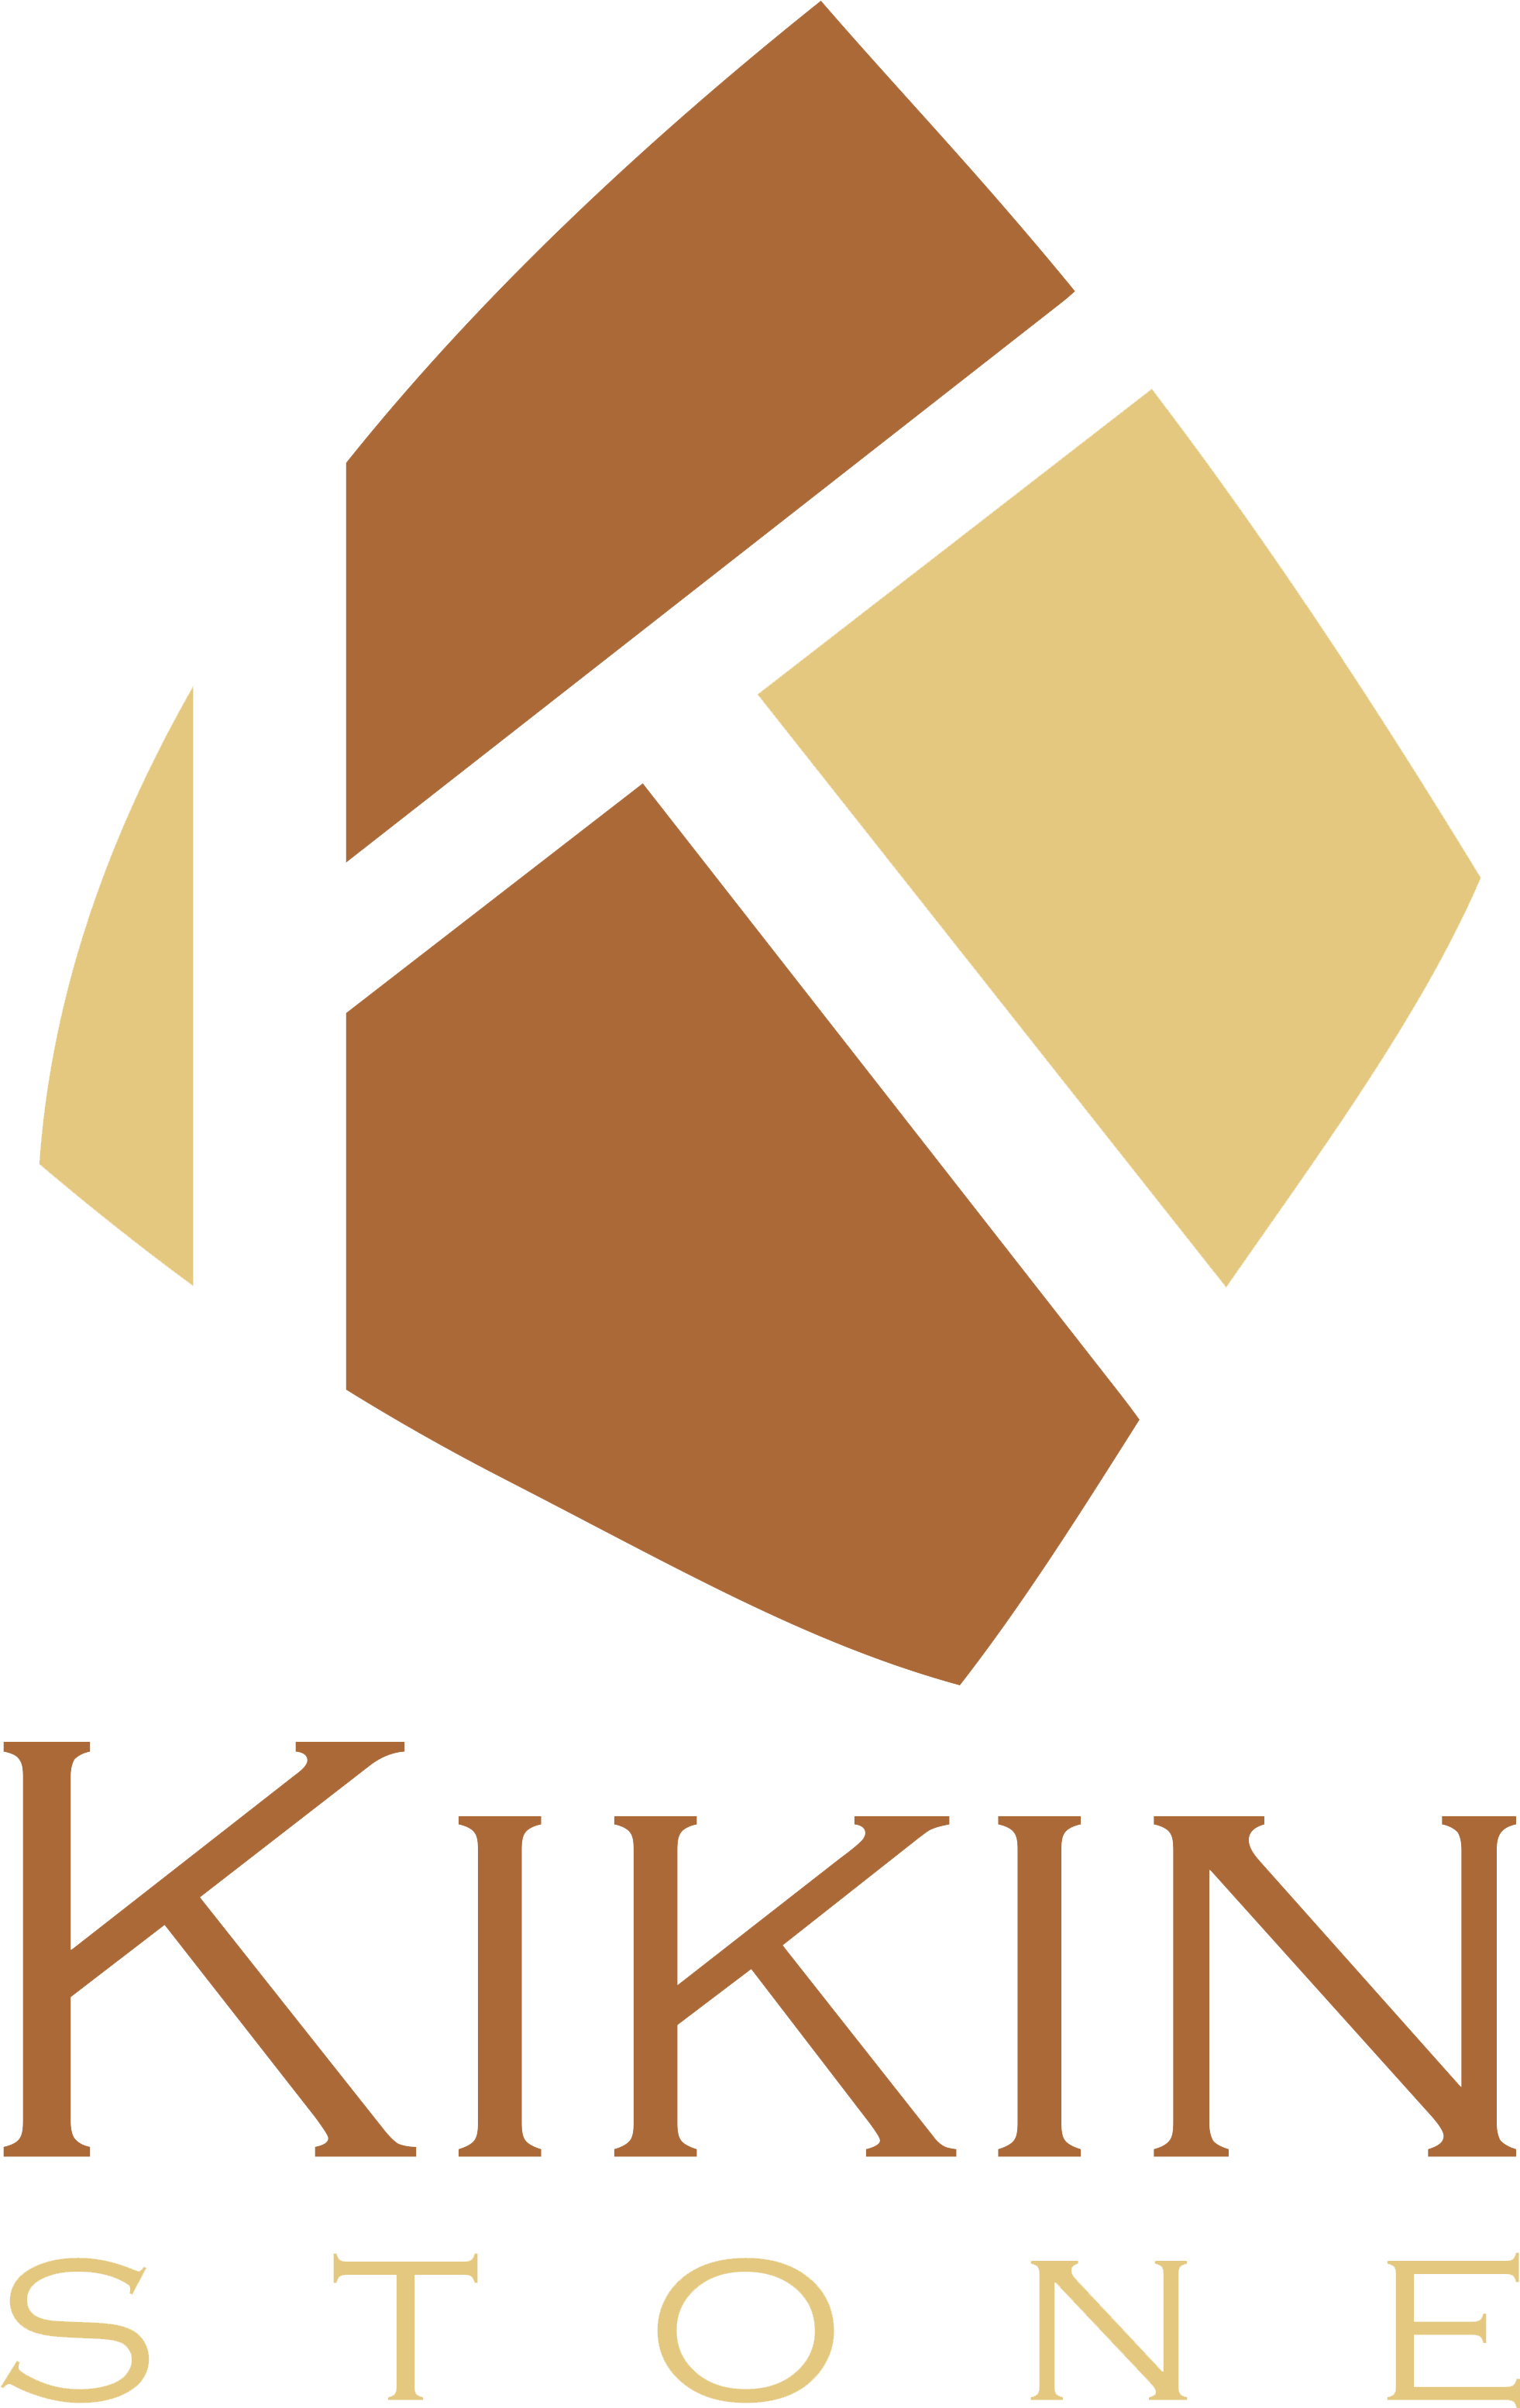 Kikinstone